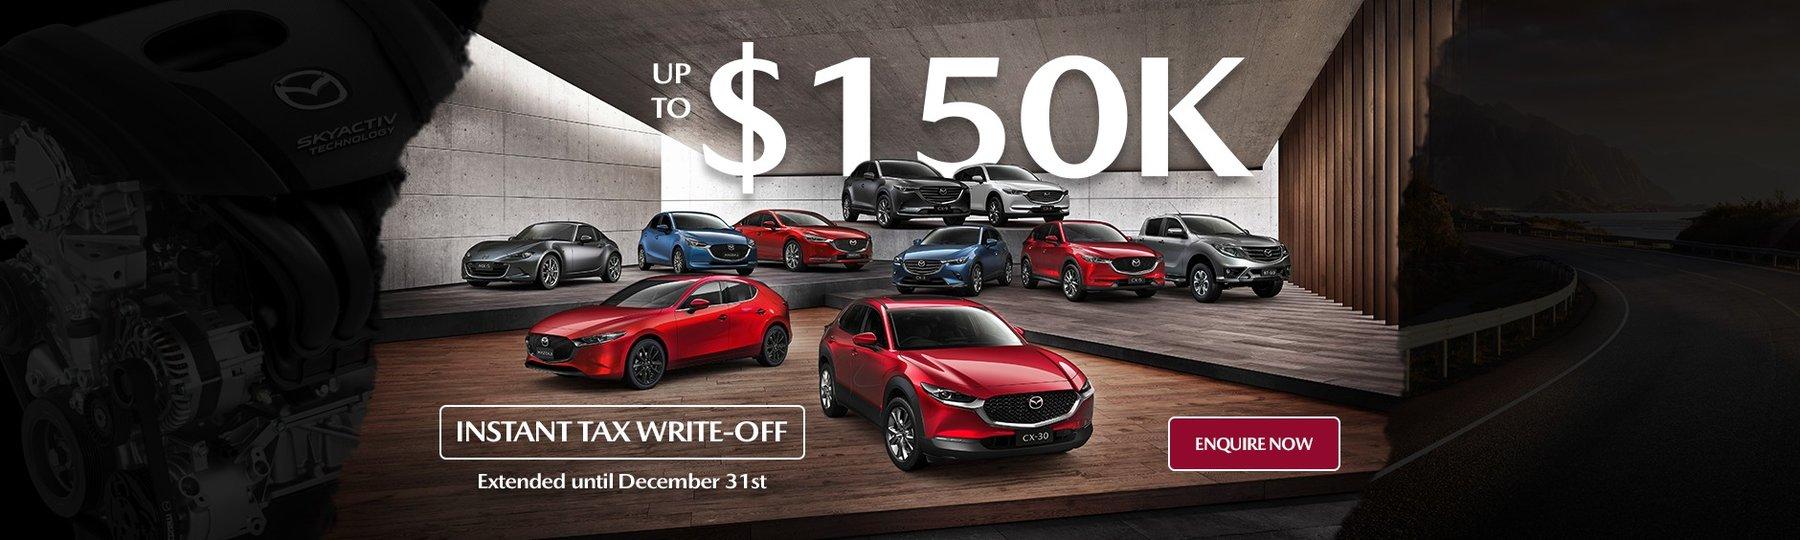 150k Tax Writeoff Mazda